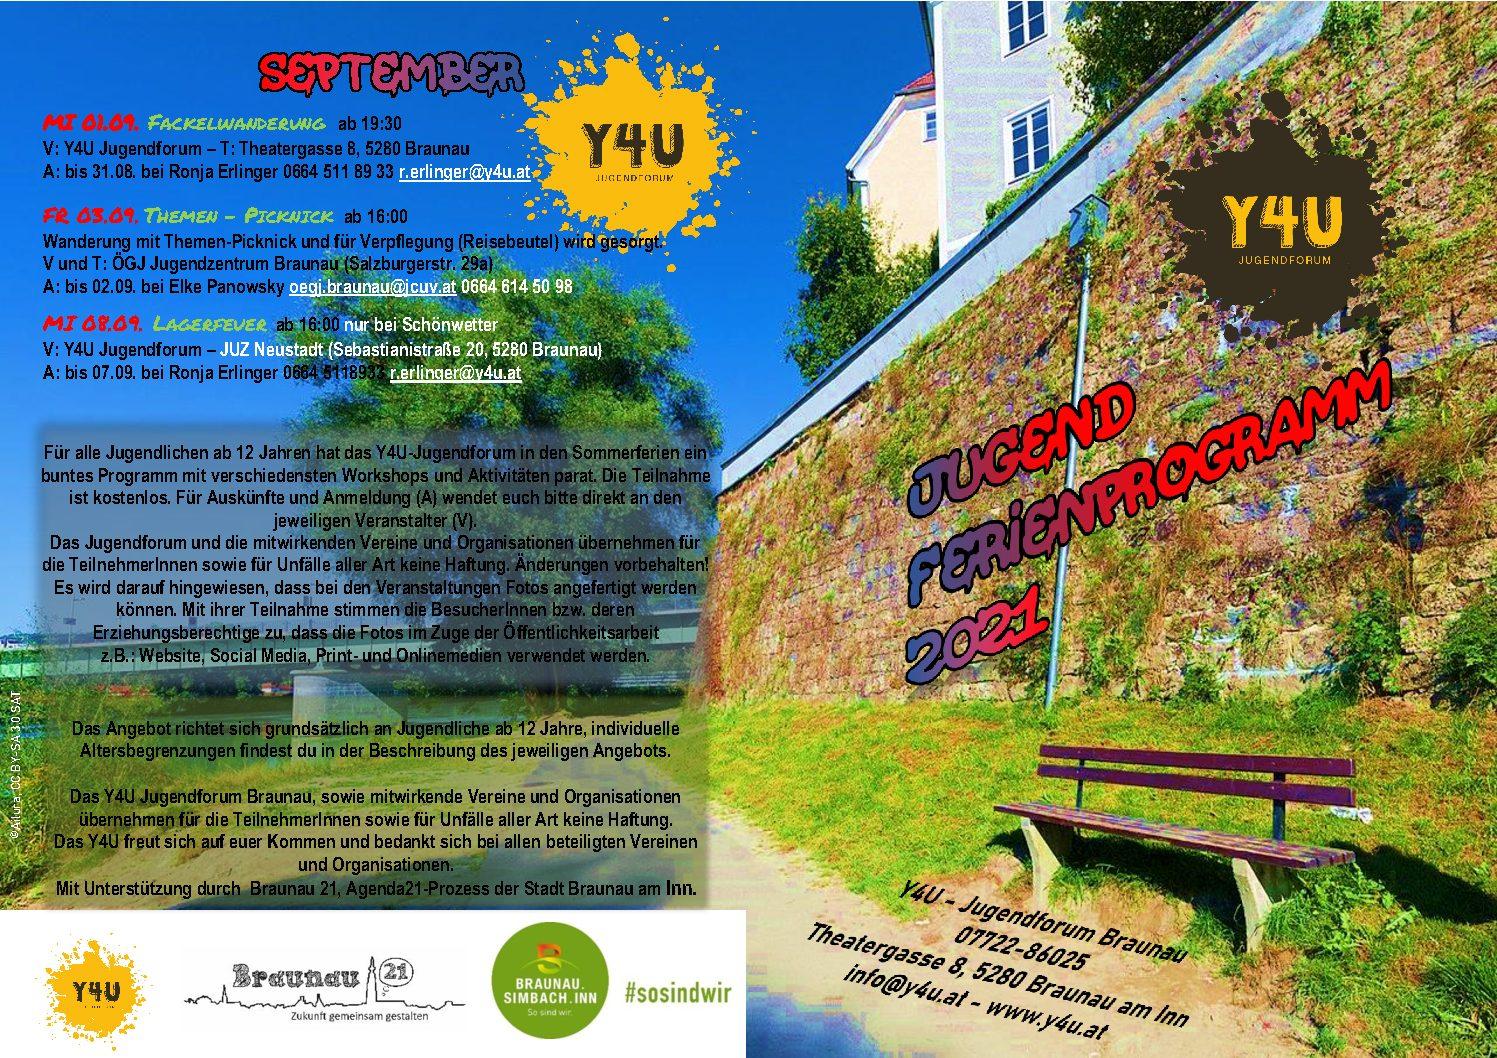 Ferienprogramm für Jugendliche